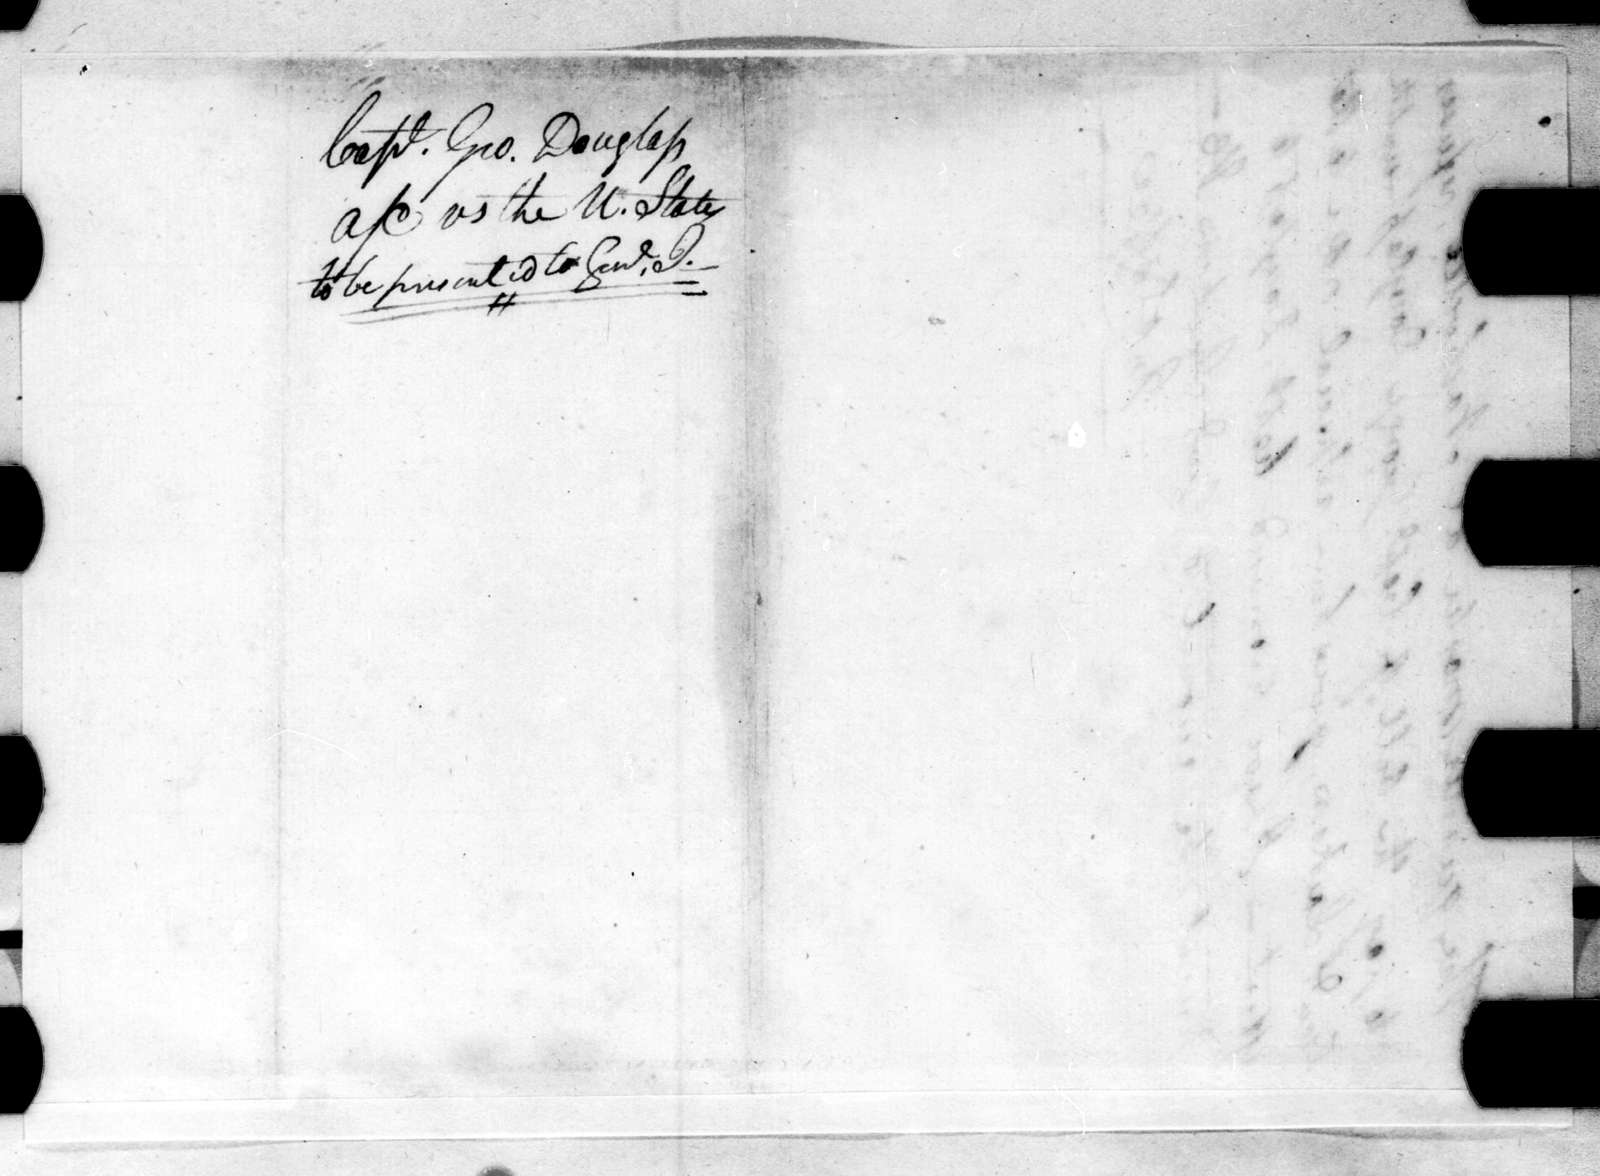 John Coffee, September 13, 1814